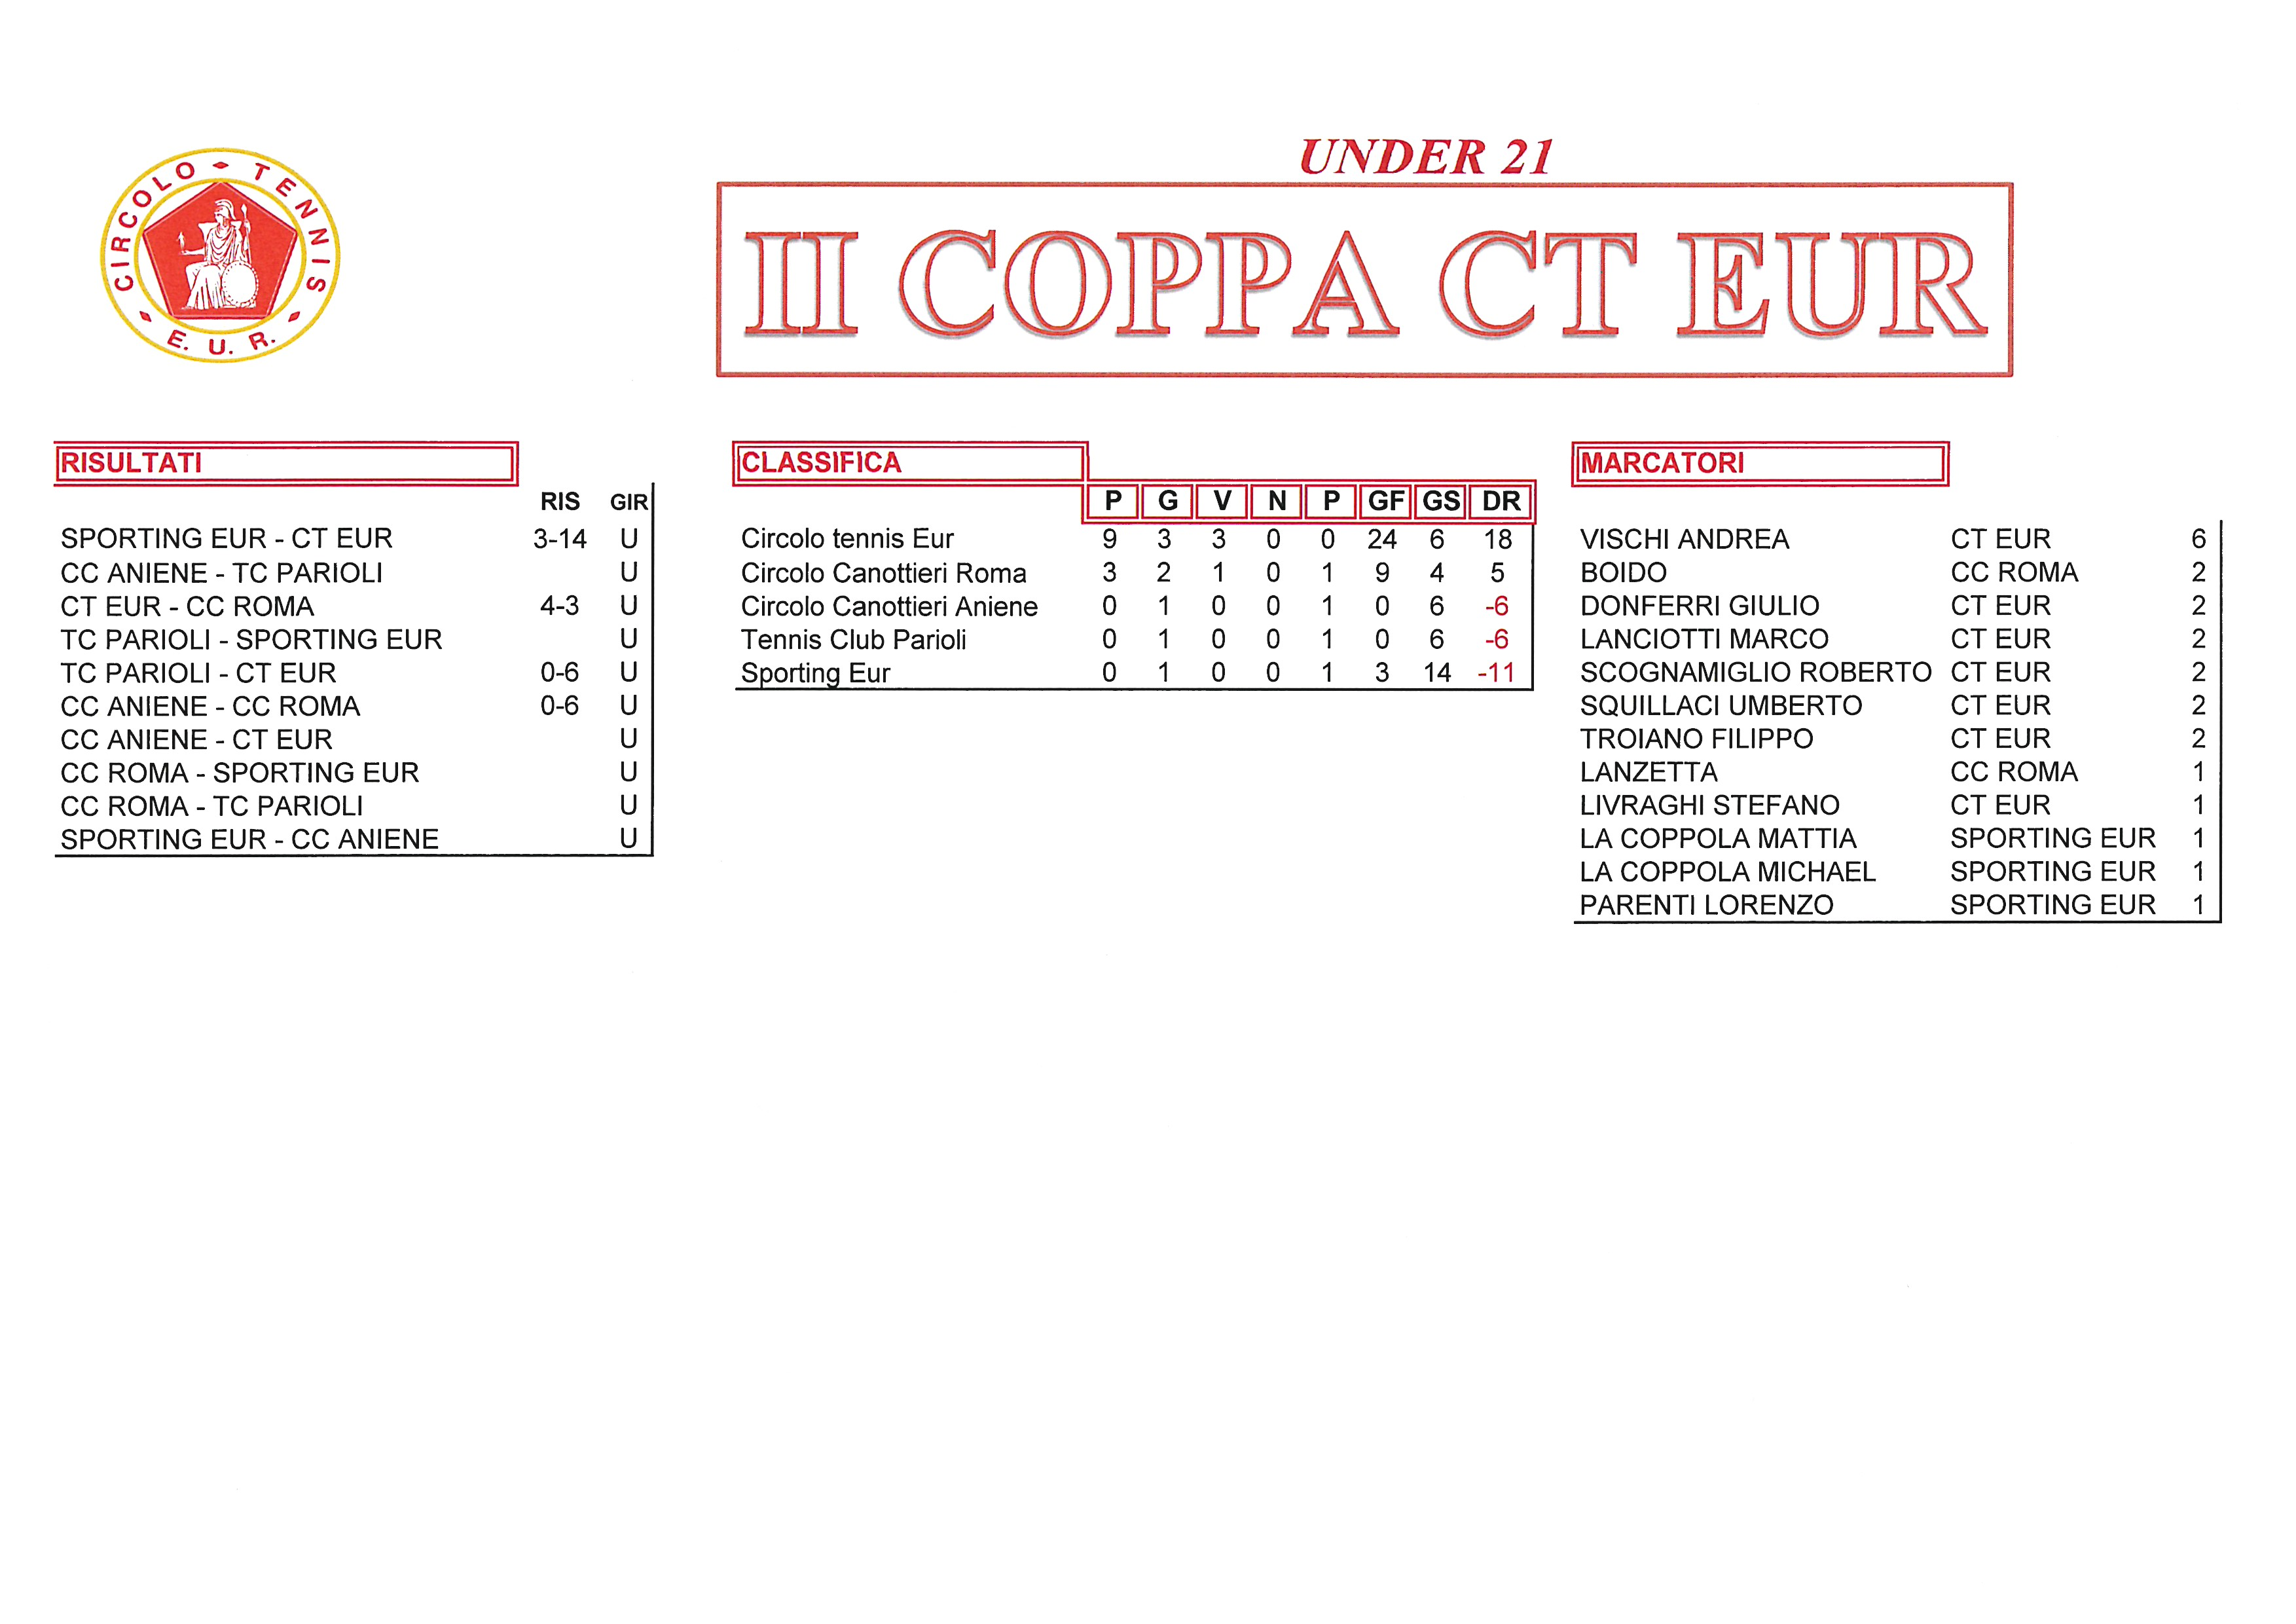 Coppa-CT-Eur-risultati-del-29-settembre-2017-Under-21